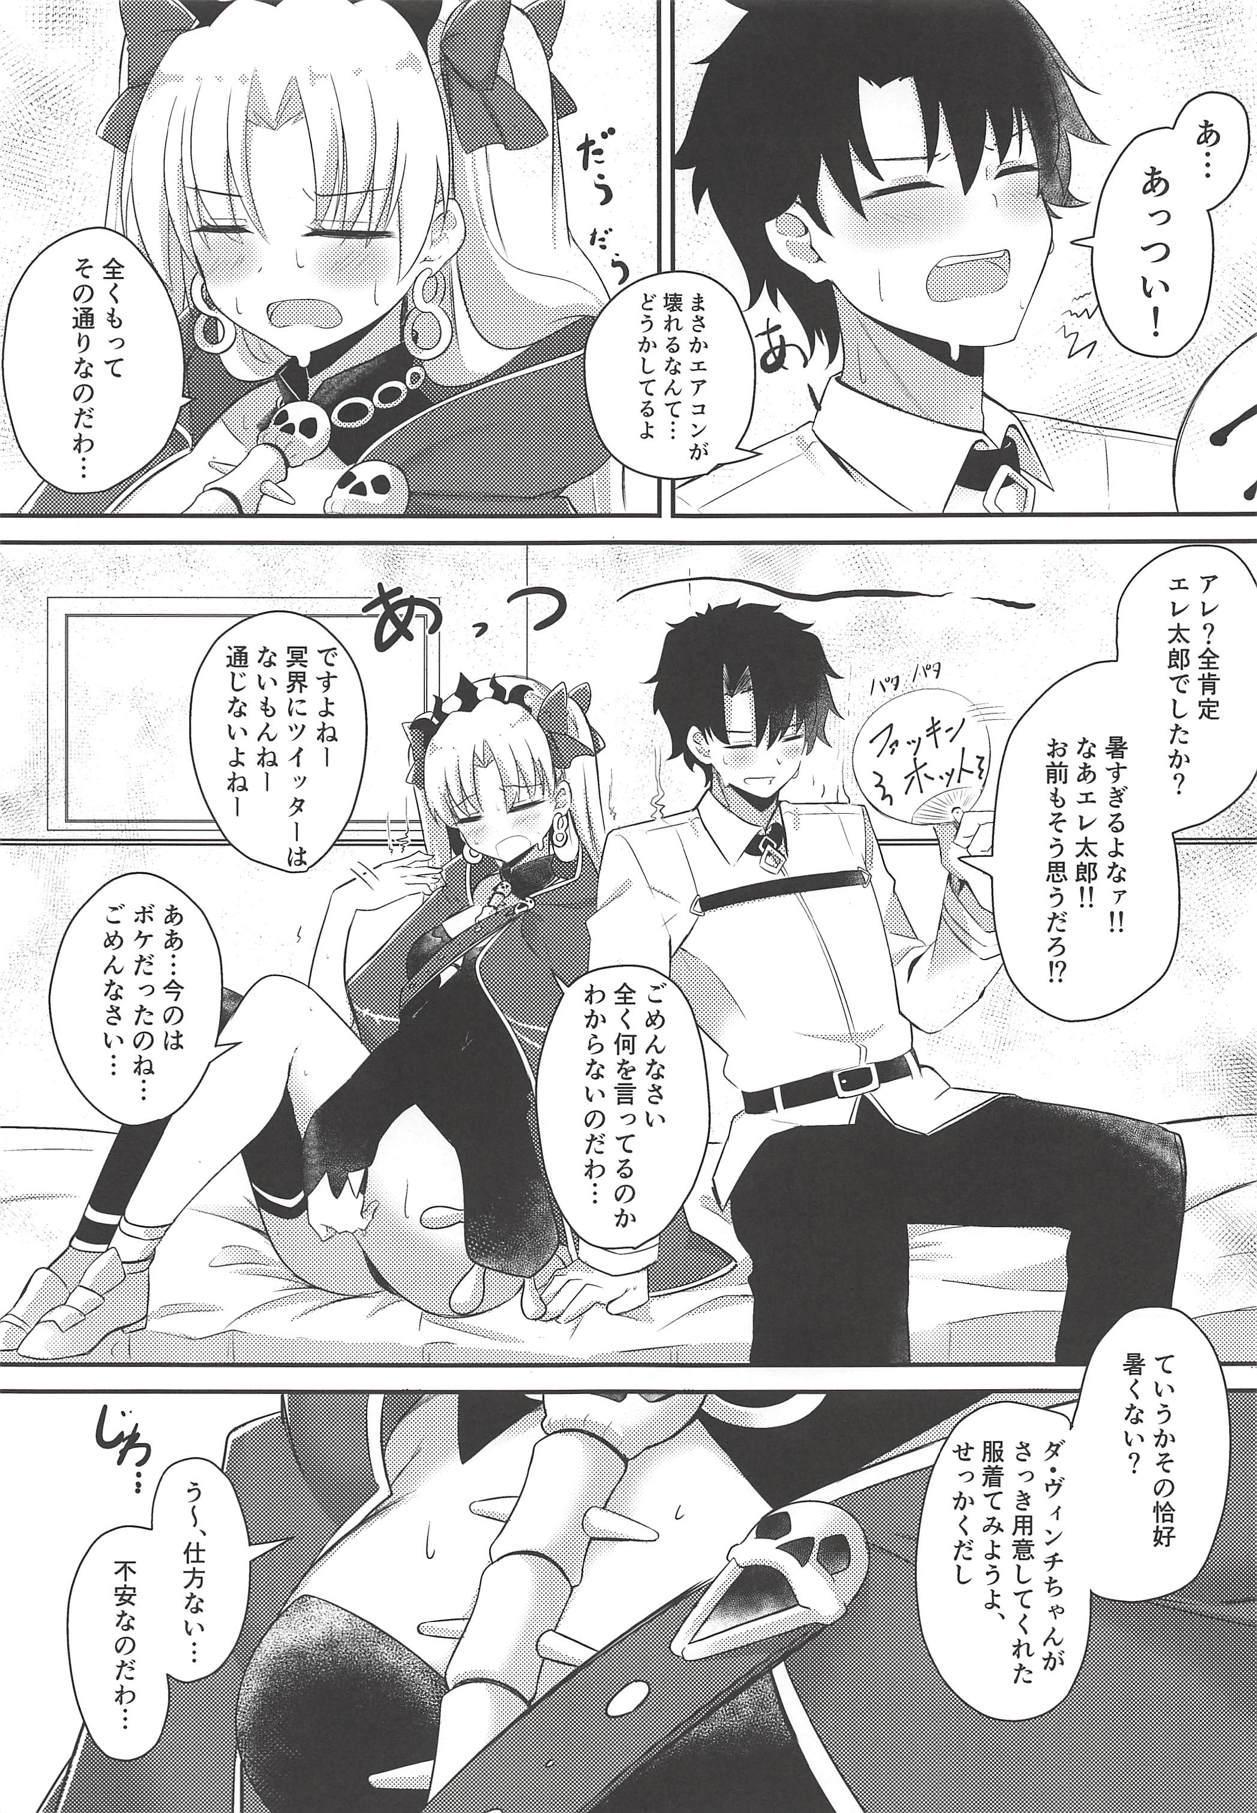 Mizugi no Ereshkigal to Icha Tsukitai! - Icha Icha with Ereshkigal Wearing Swimsuits. 3